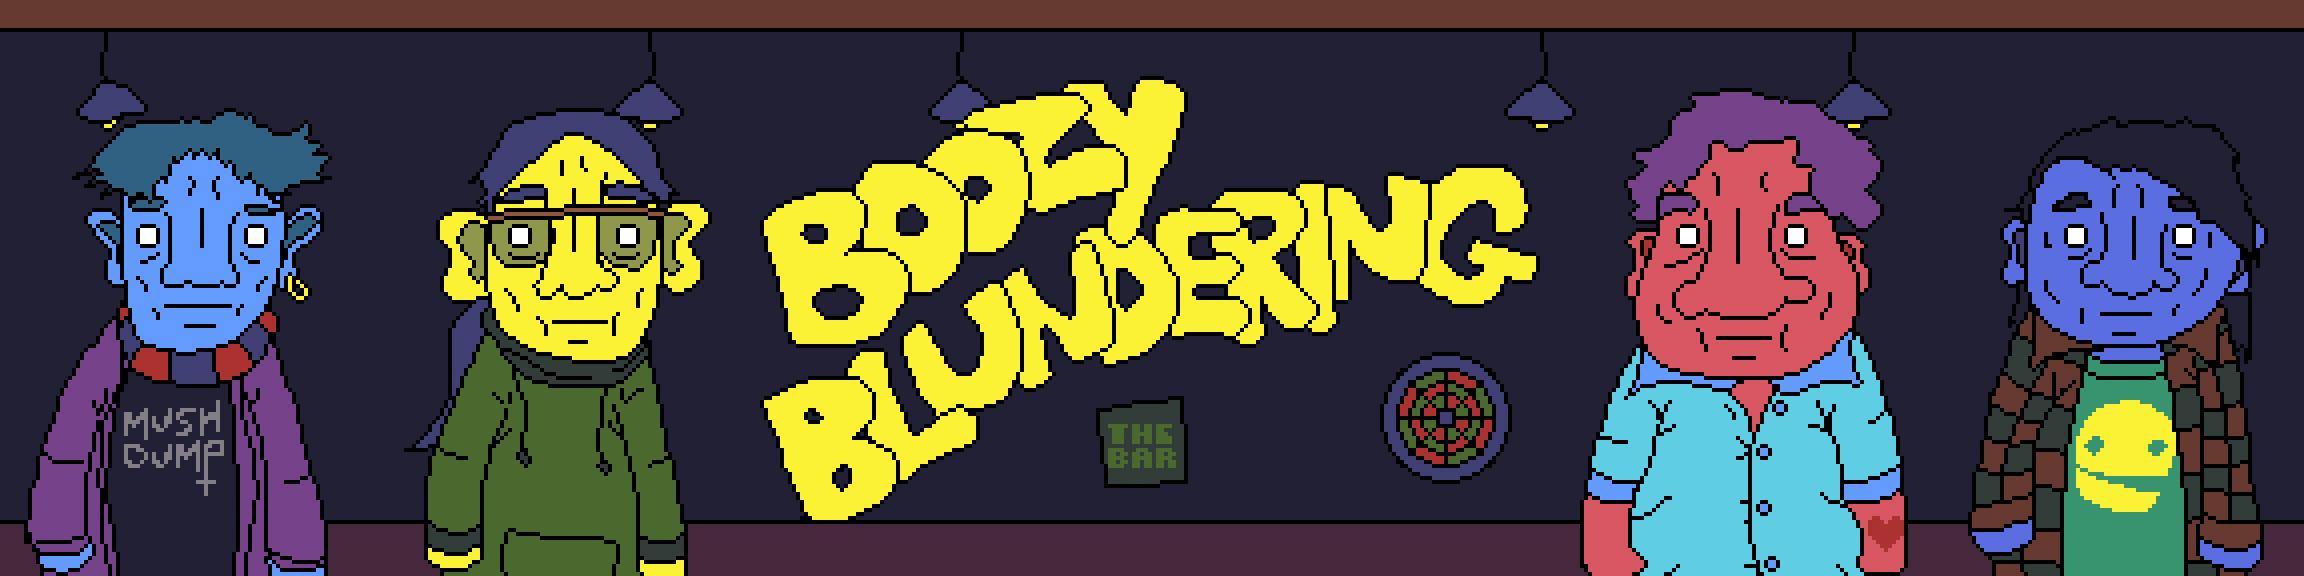 Boozy Blundering